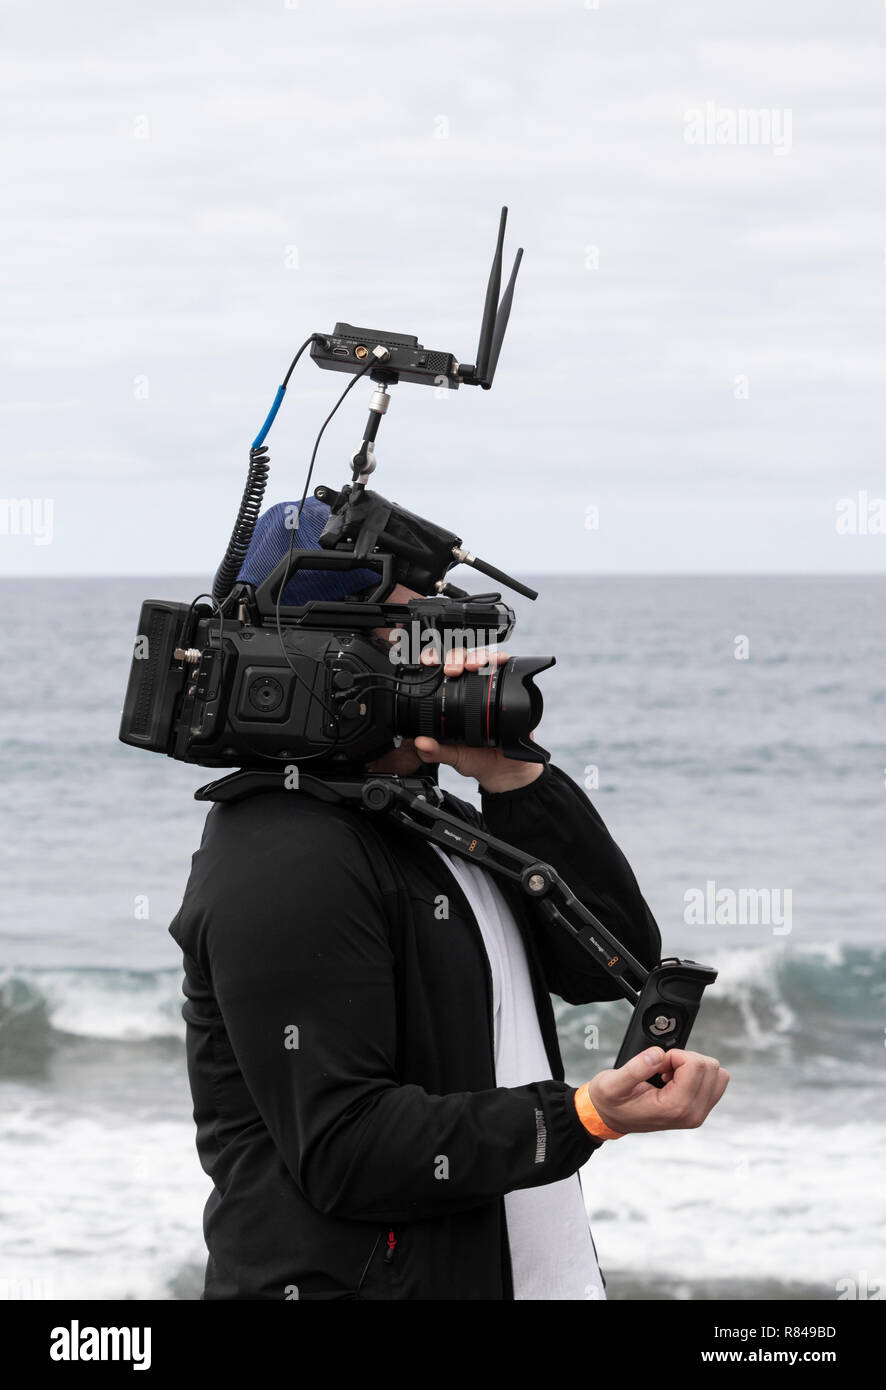 Routeur Wifi caméra vidéo avec la couverture en direct streaming de l'événement surf. Photo Stock